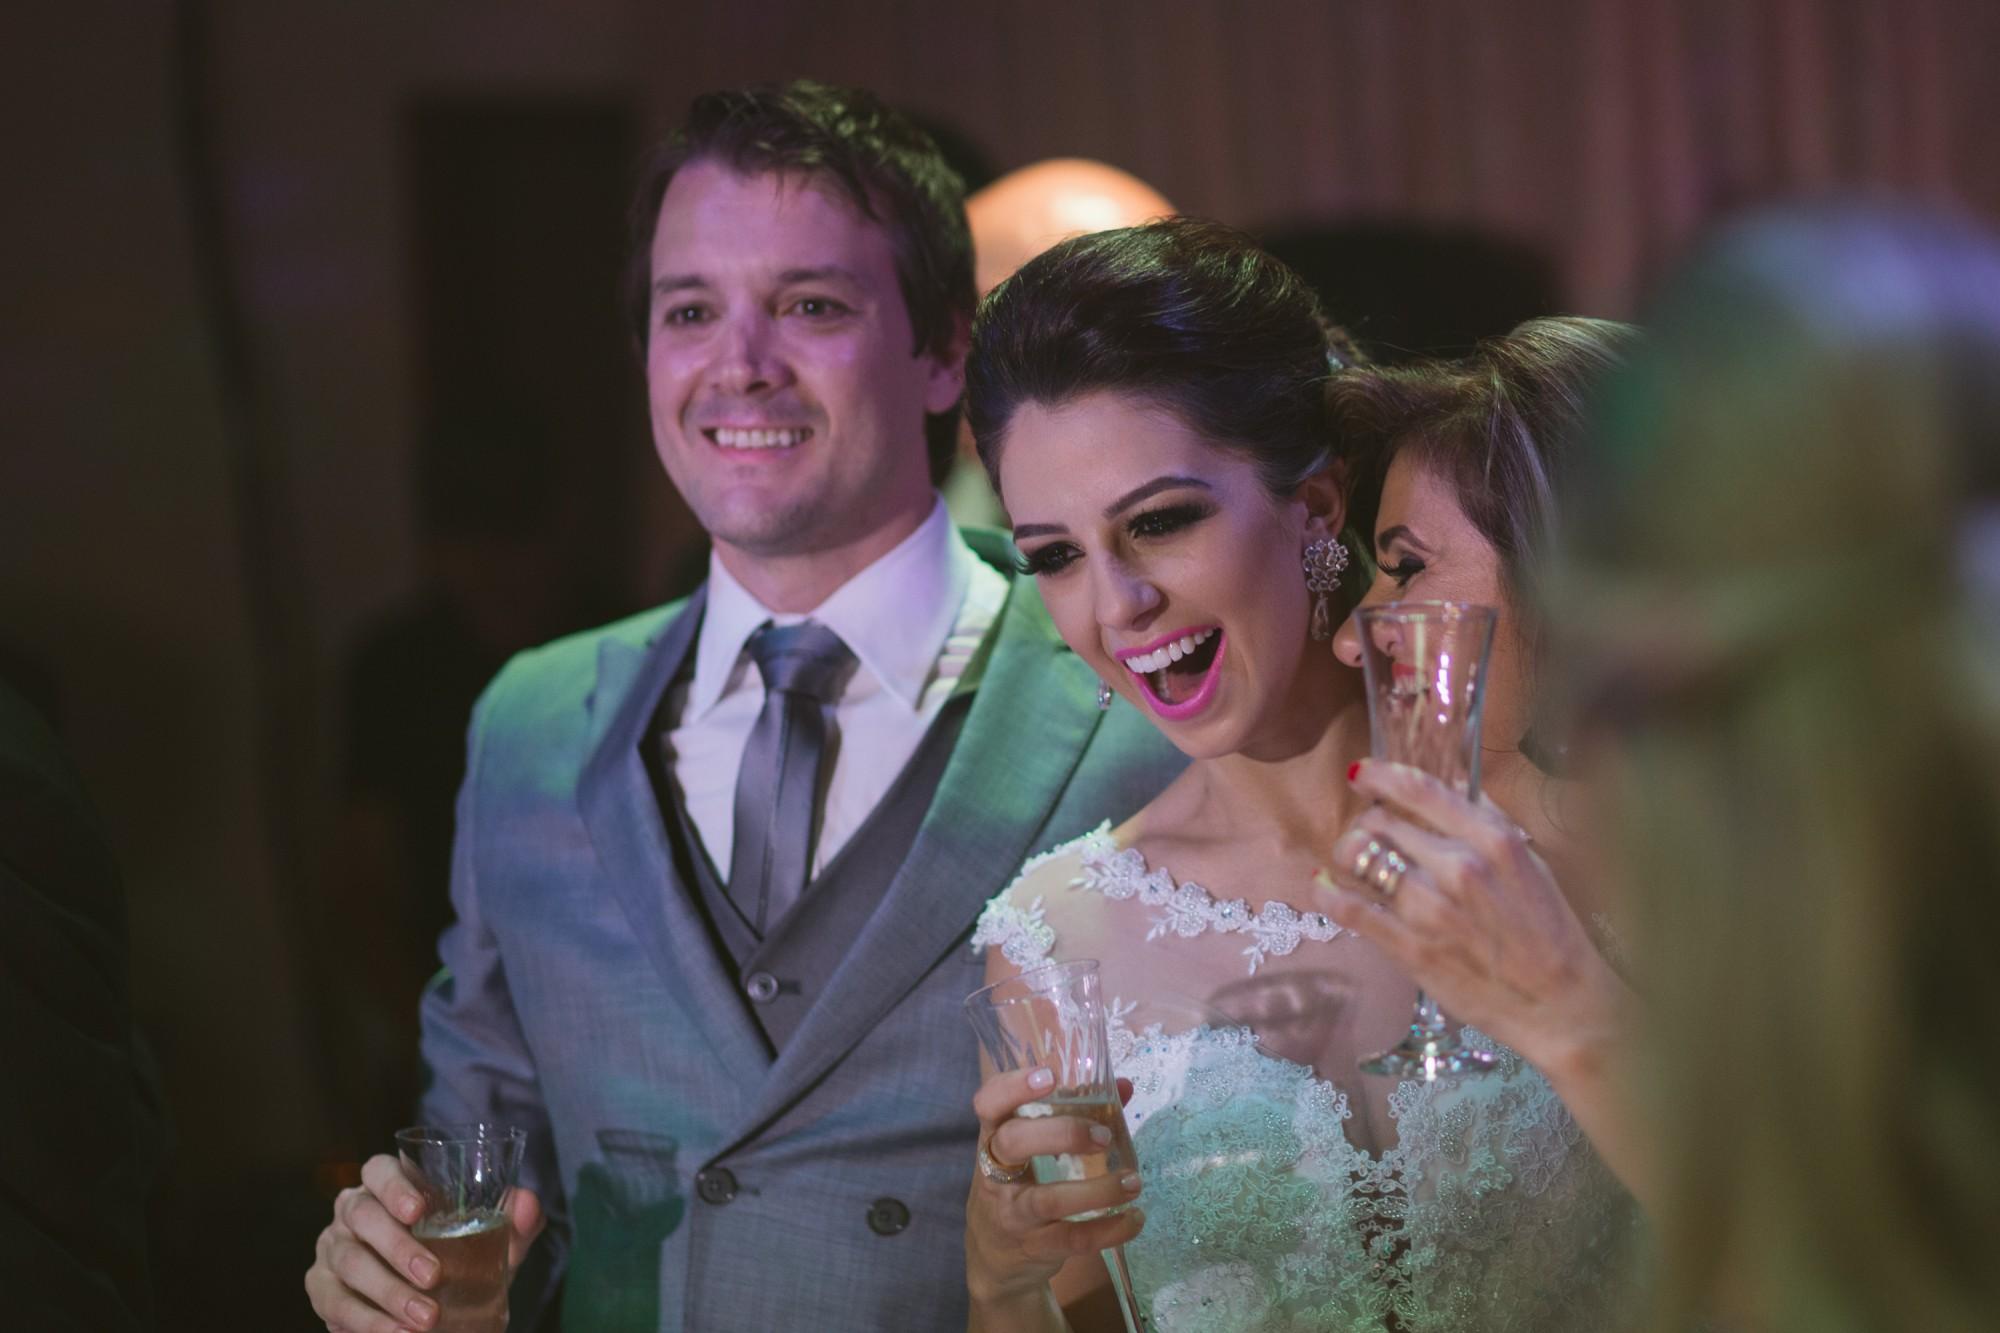 Maiara Kuki e Ricardo - Casamento em Palotina - PR por Lorran Souza e Léia Sotile - fotografo de casamentos00021